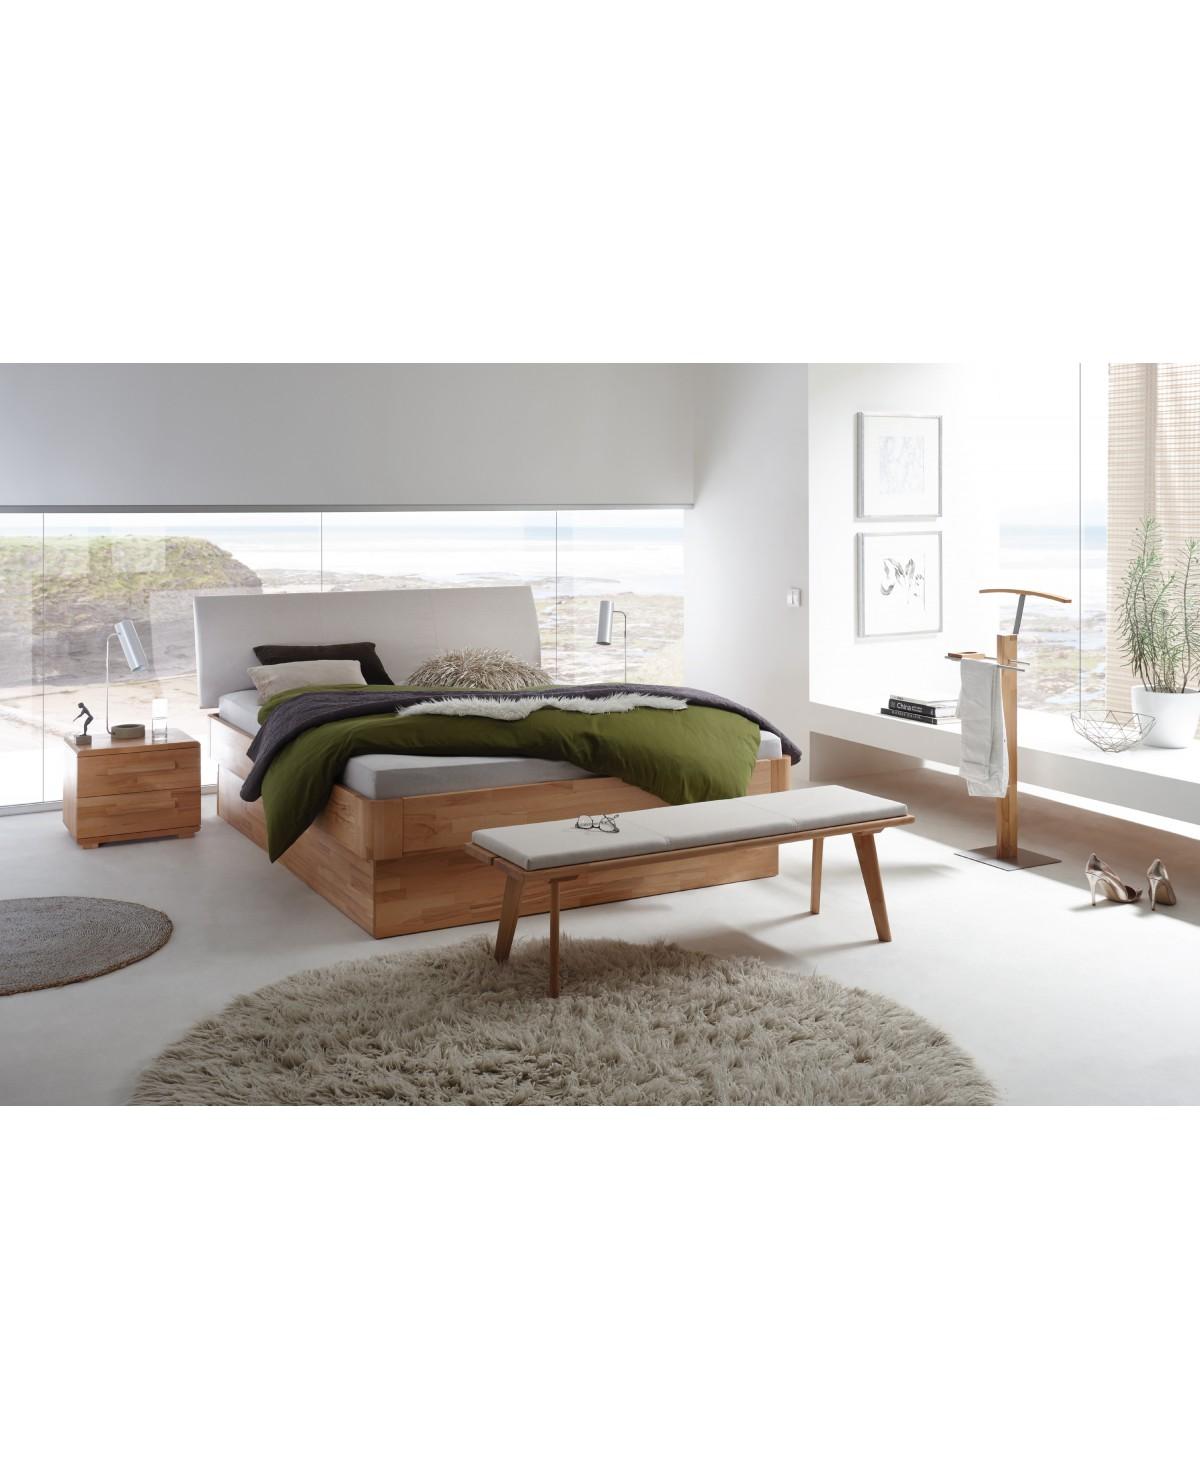 Full Size of Bett 200x200 Weiß Stauraum Mit Bettkasten Komforthöhe Betten Wohnzimmer Stauraumbett 200x200